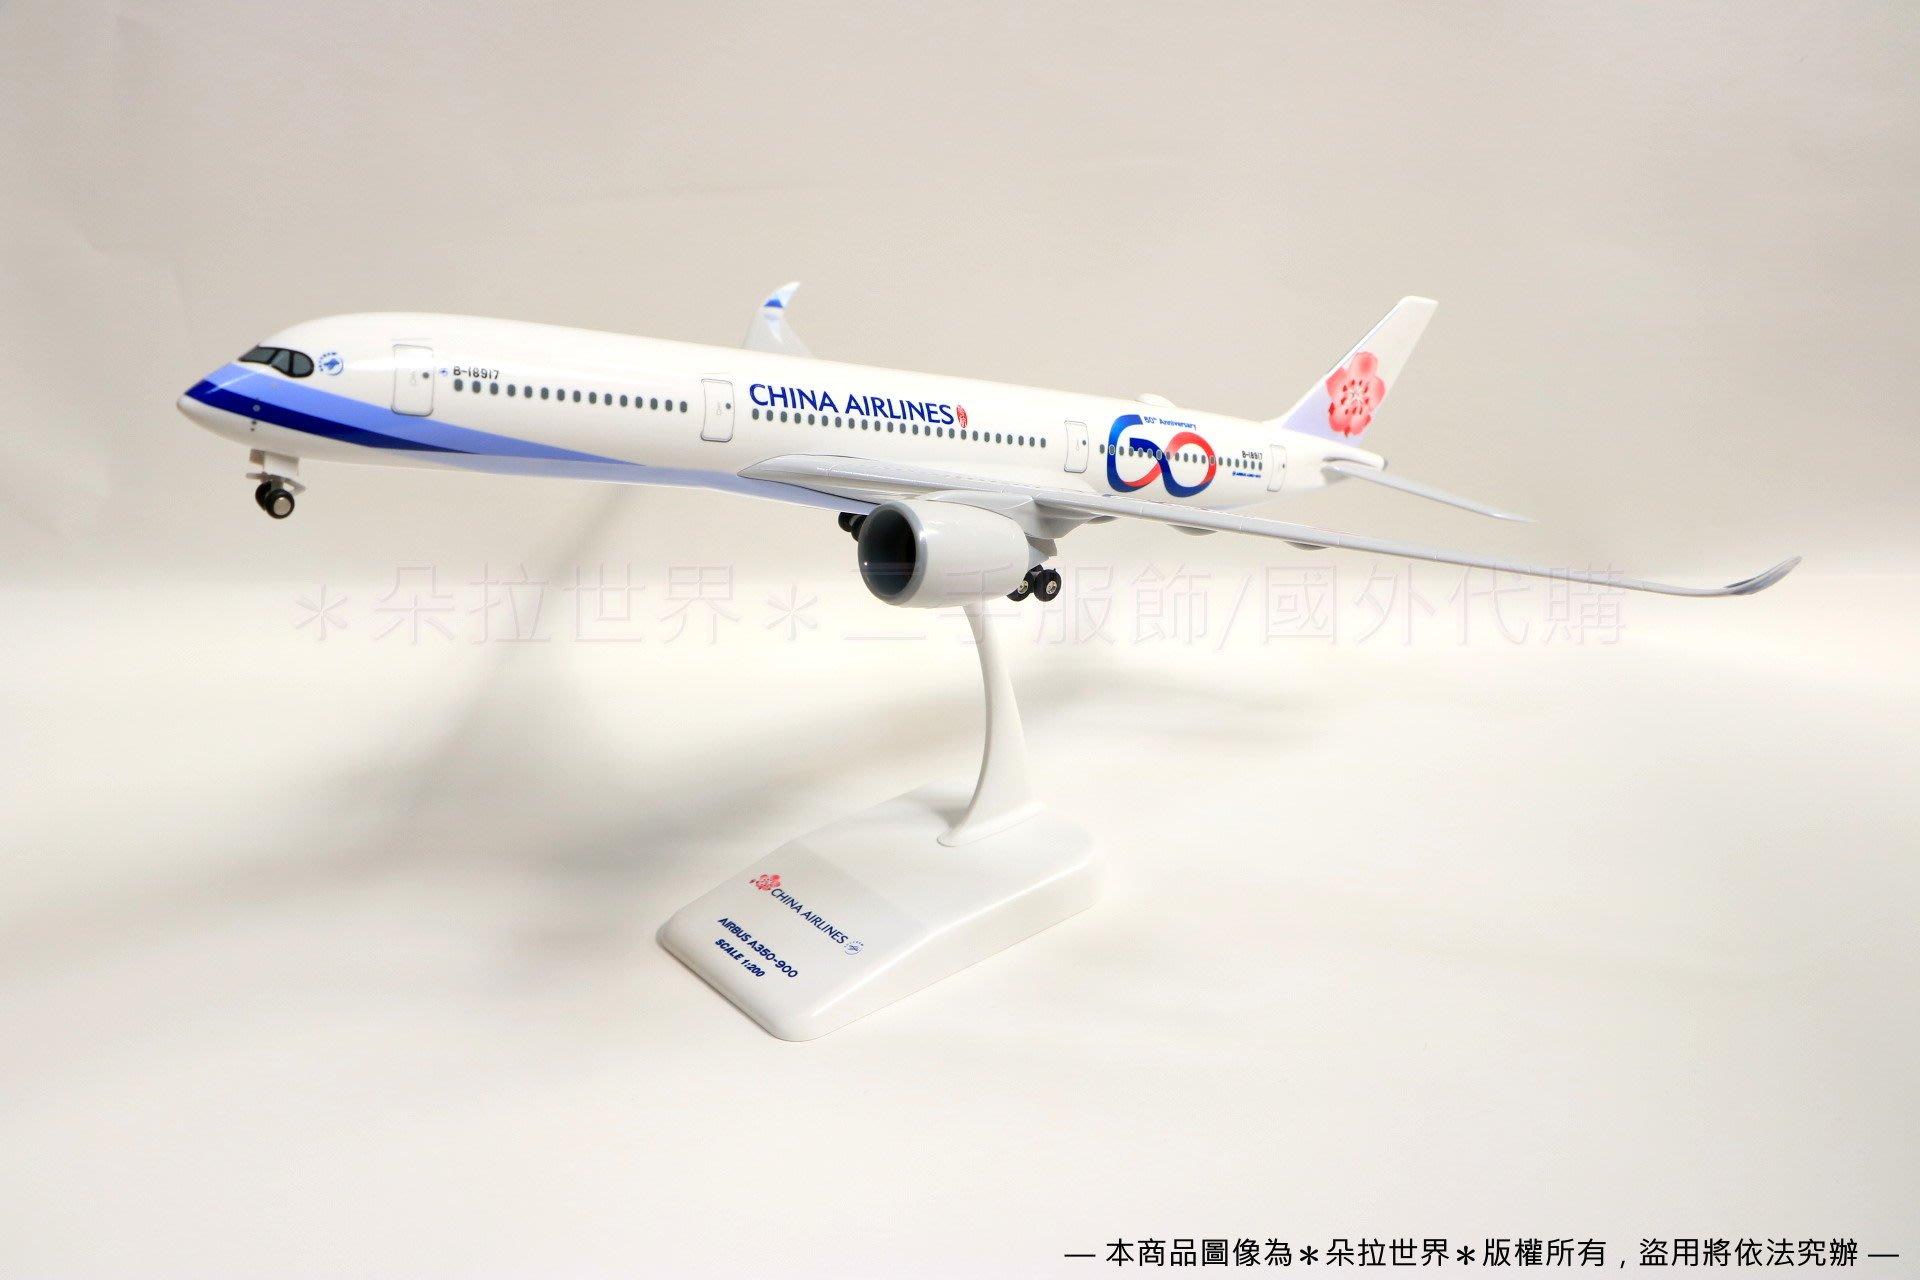 ✈A350-900XWB 60週年限定 》空中巴士Airbus 飛機模型 1:200 B-18917 華航 350